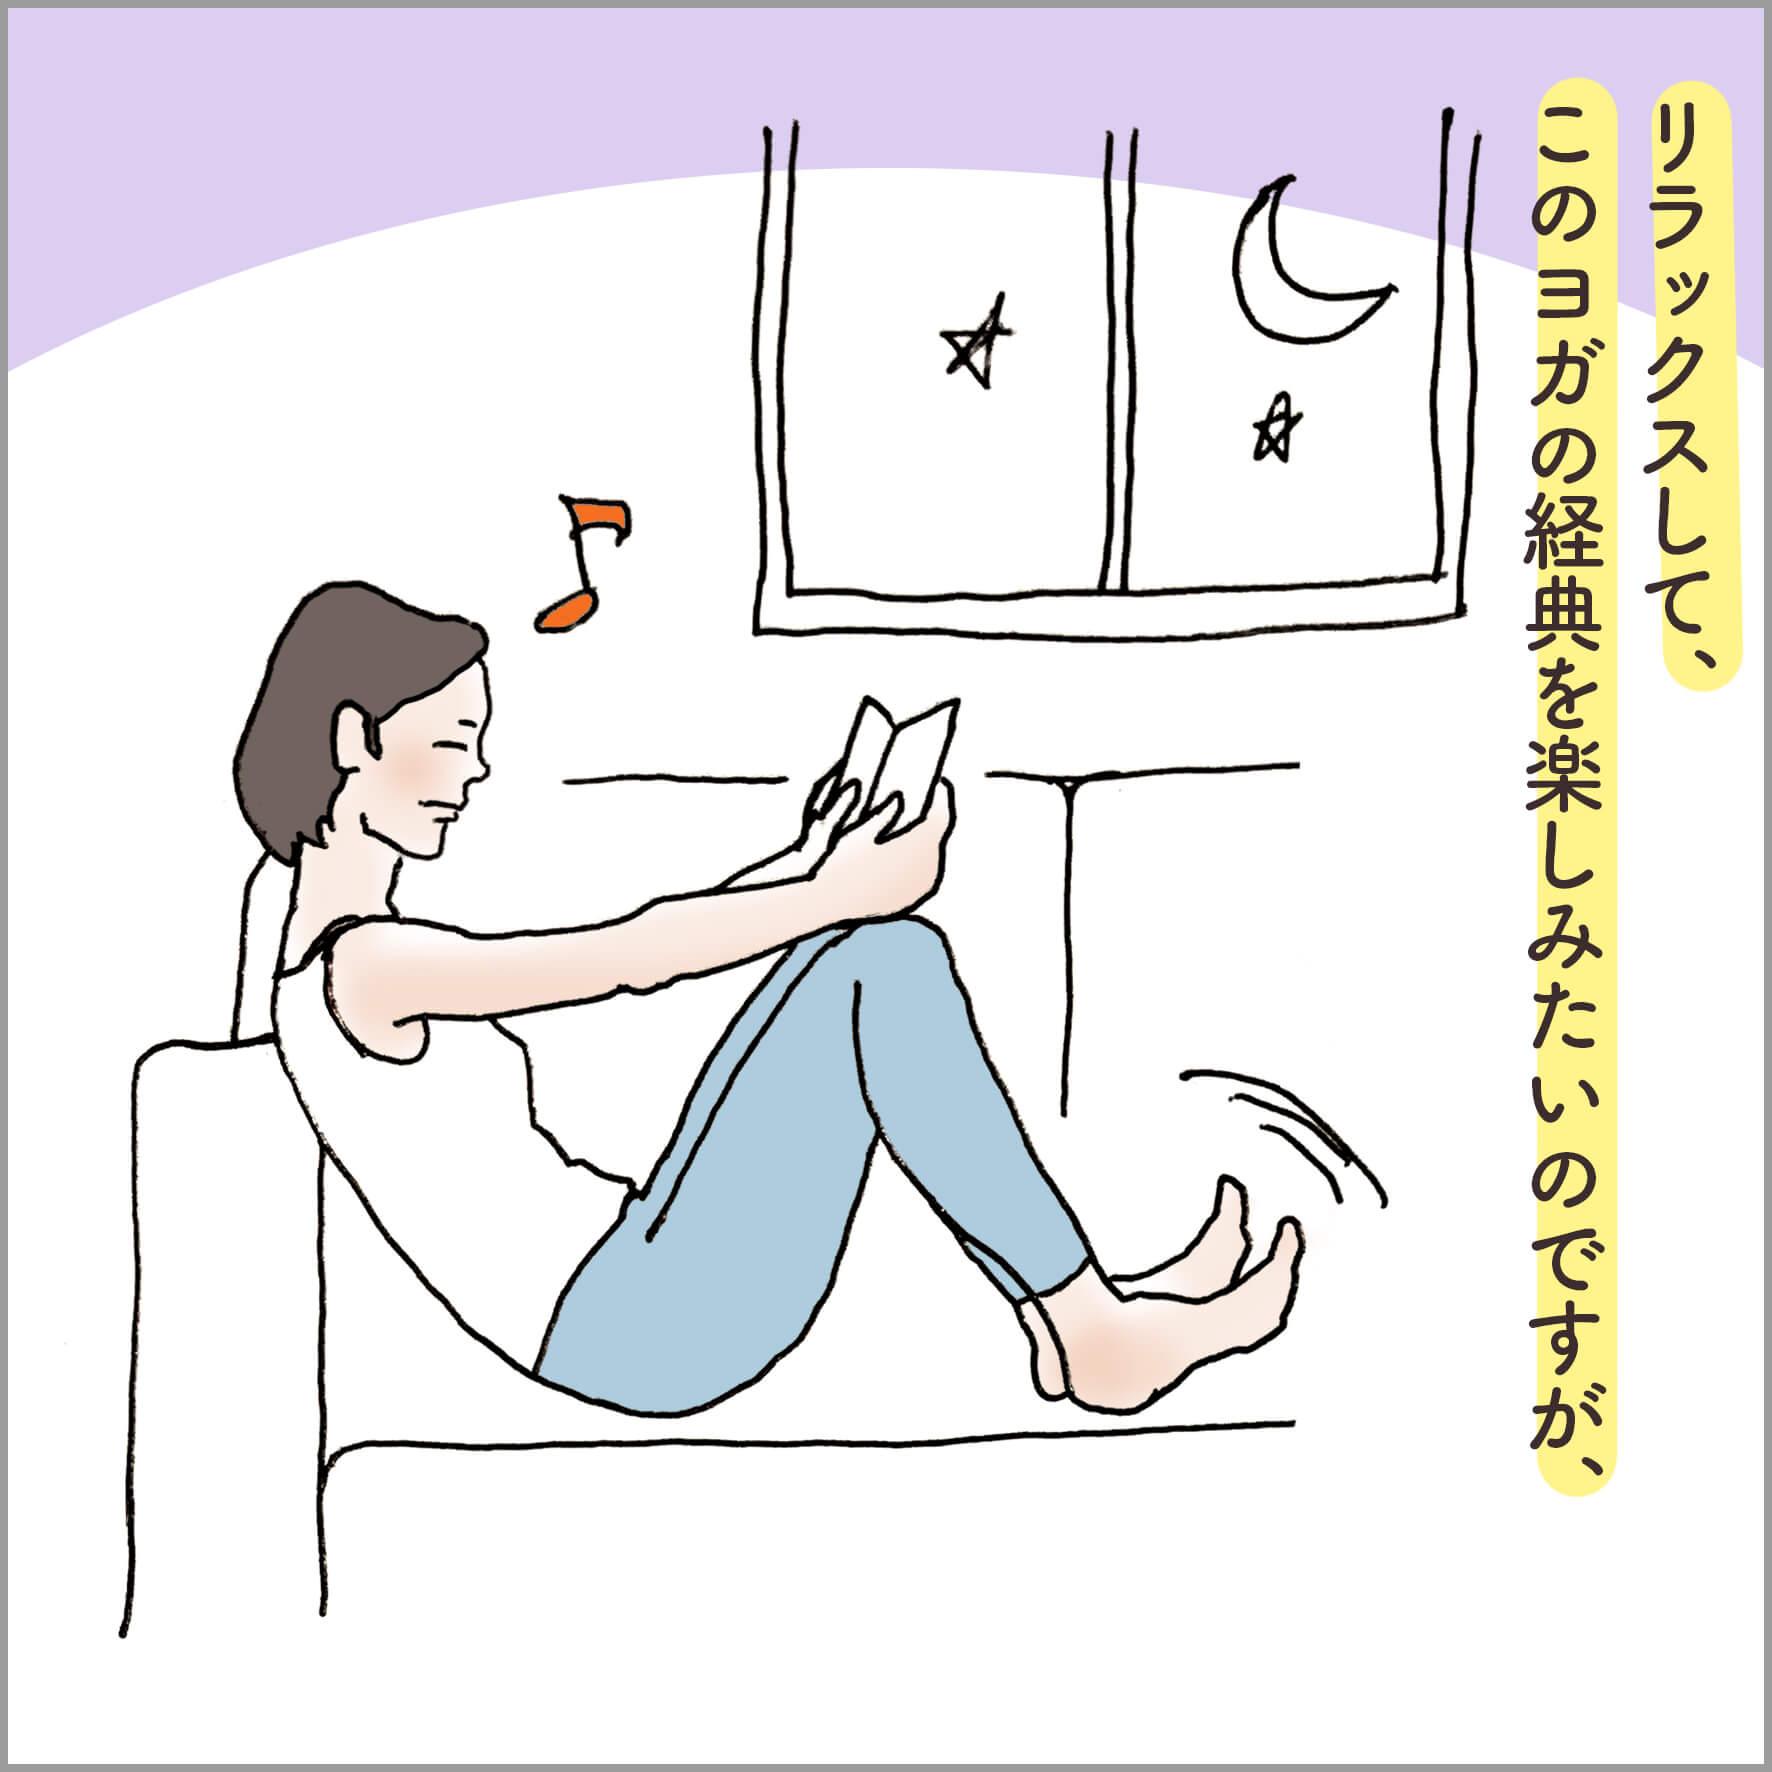 夜にリラックスしながら本を読む主人公